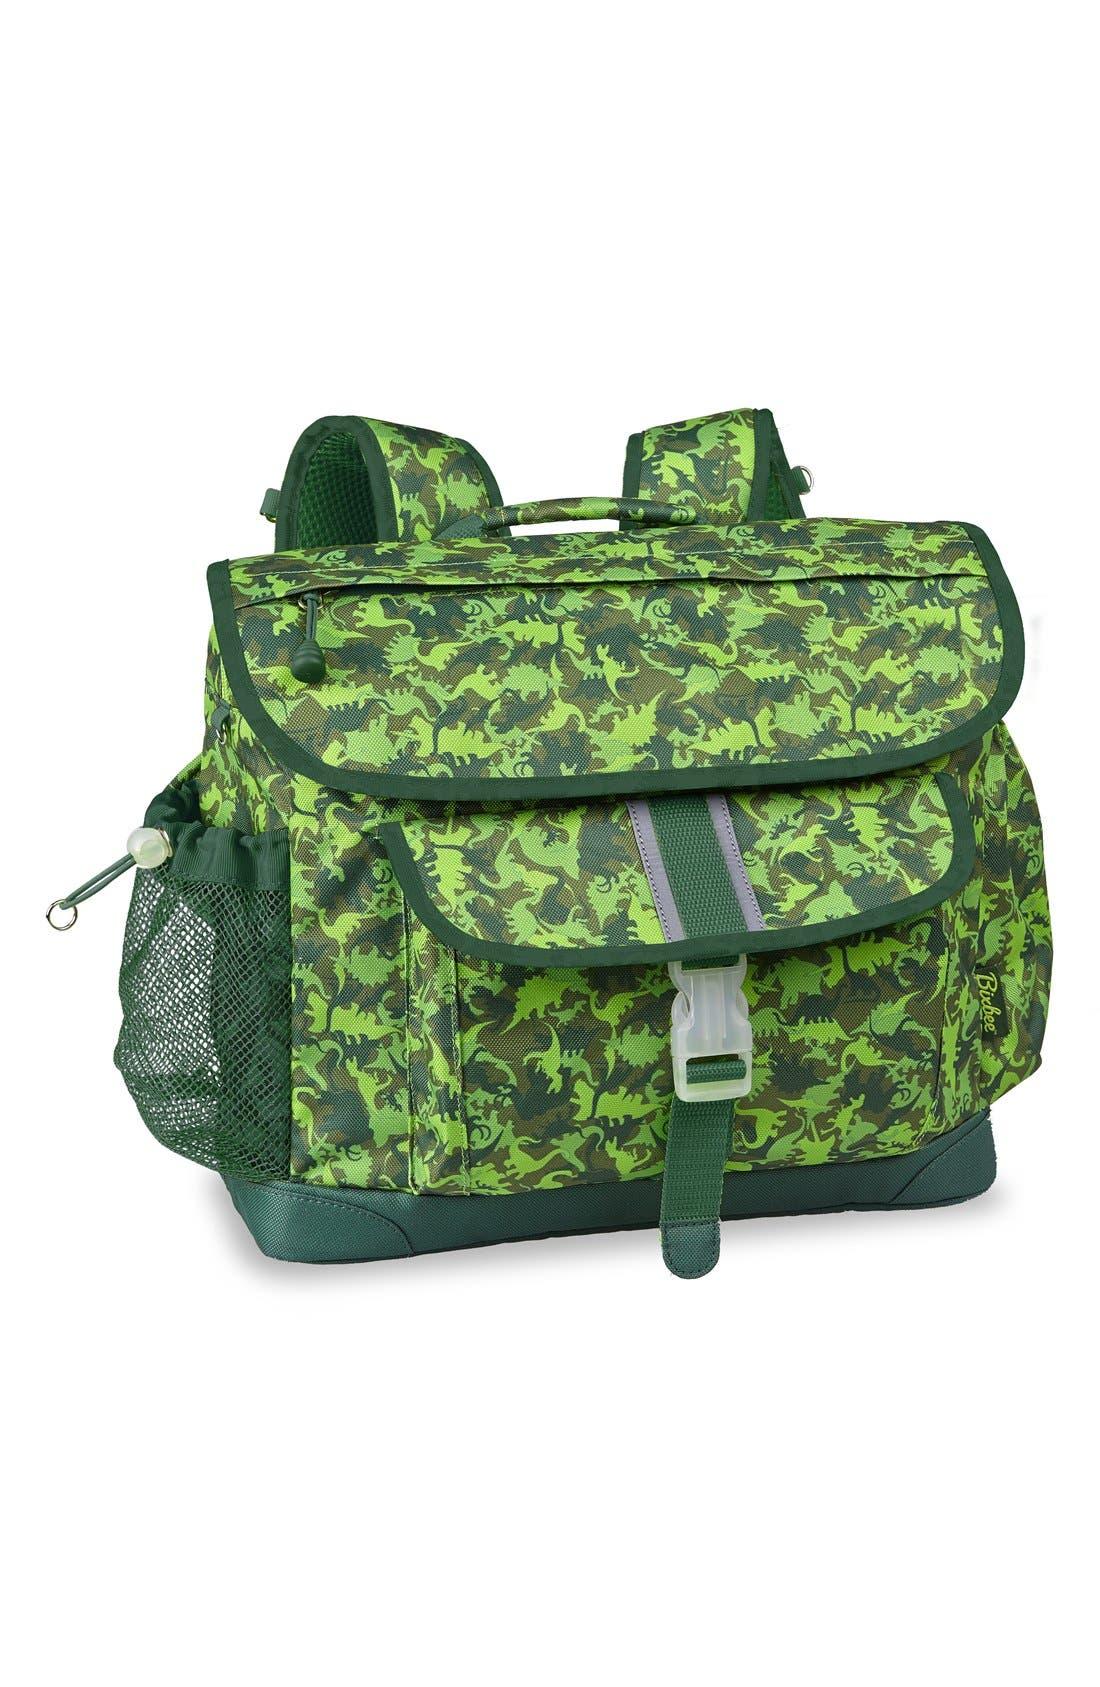 Bixbee 'Medium Dino Camo' Water Resistant Backpack (Kids)